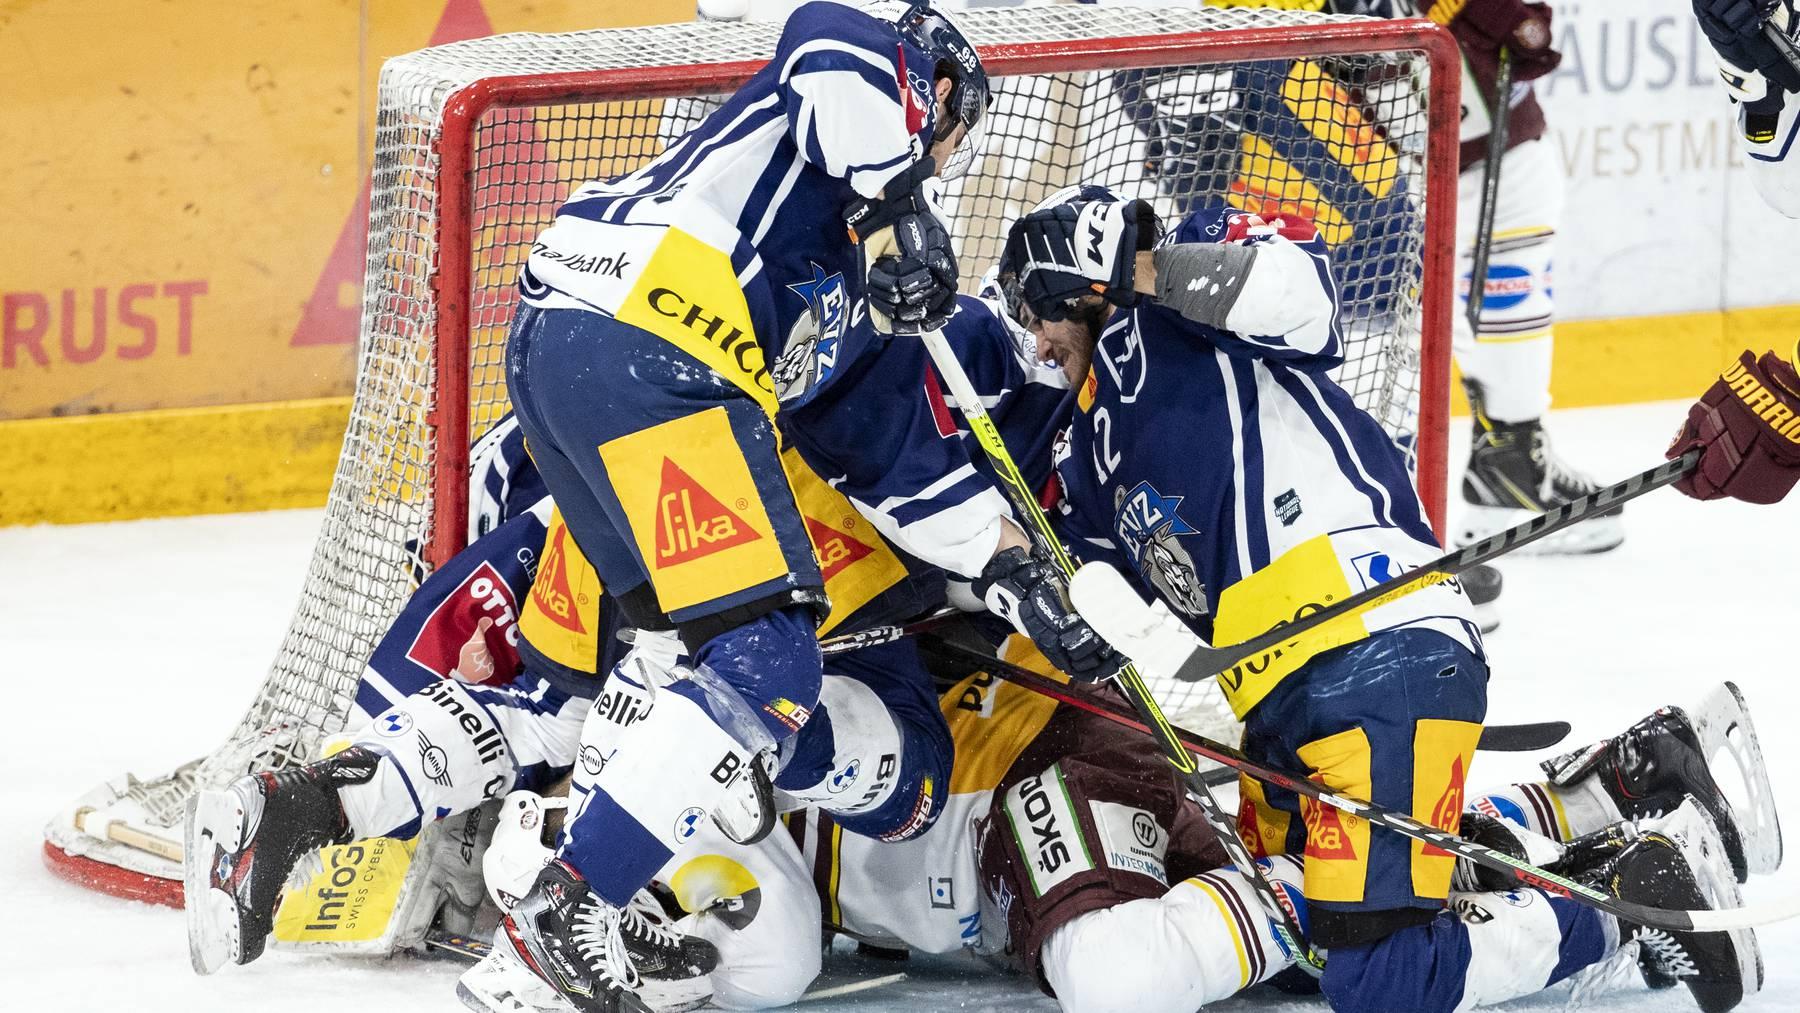 Zugs Nico Gross, Servettes Eric Fehr, am Boden, und Zugs Yannick Zehnder, von links, im ersten Eishockey Playoff-Finalspiel der National League zwischen dem EV Zug und Geneve-Servette HC am Montag, 3. Mai 2021, in der Bossard Arena in Zug.